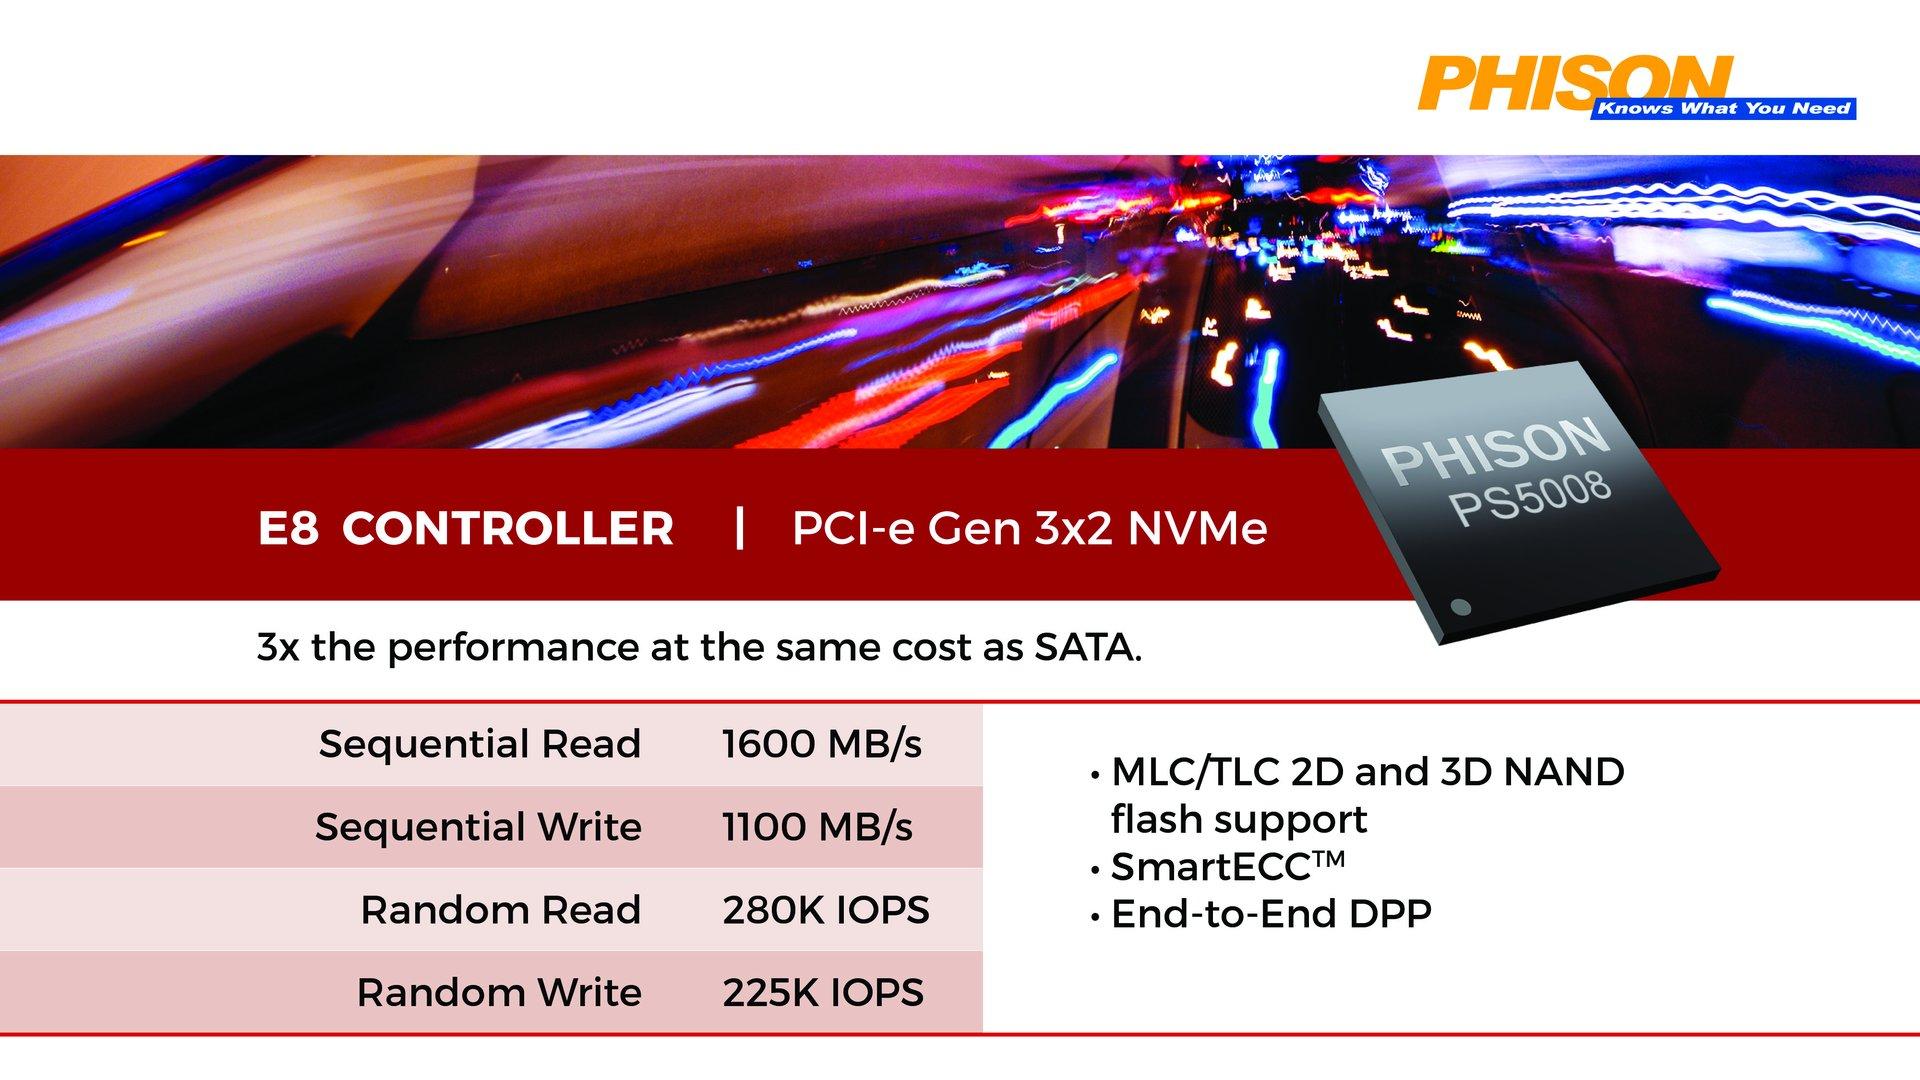 Phison E8 Controller (PS5008-E8)